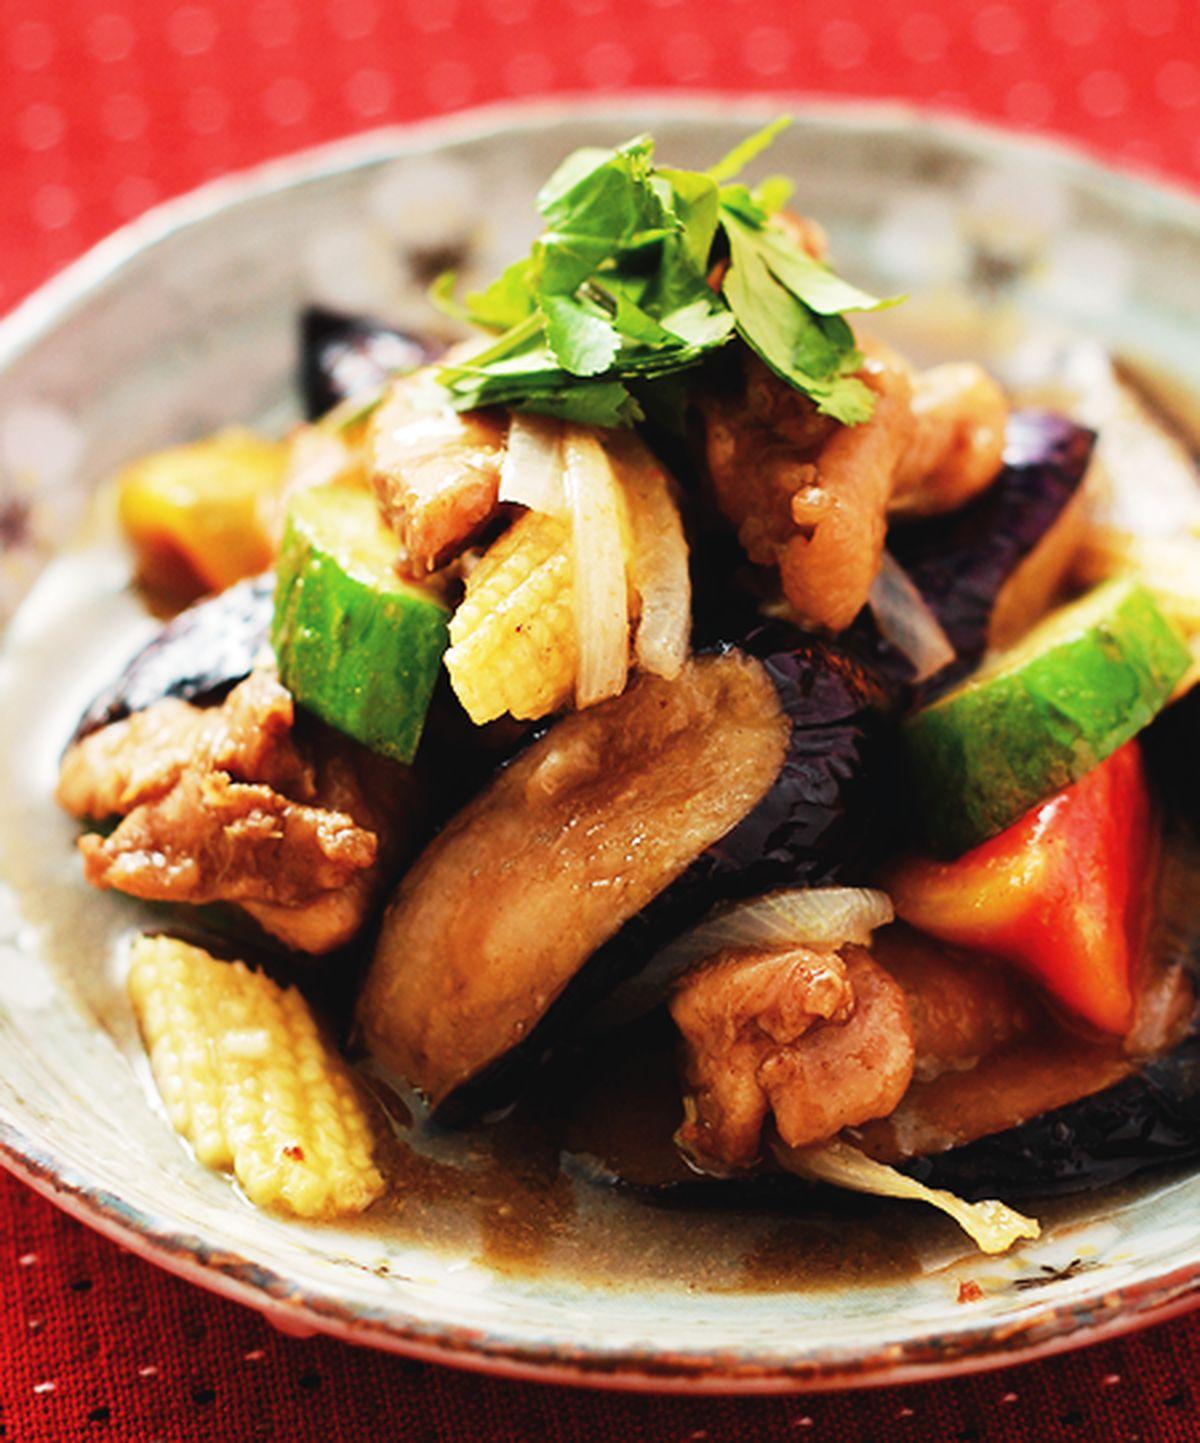 食譜:綠咖哩炒雞肉茄子